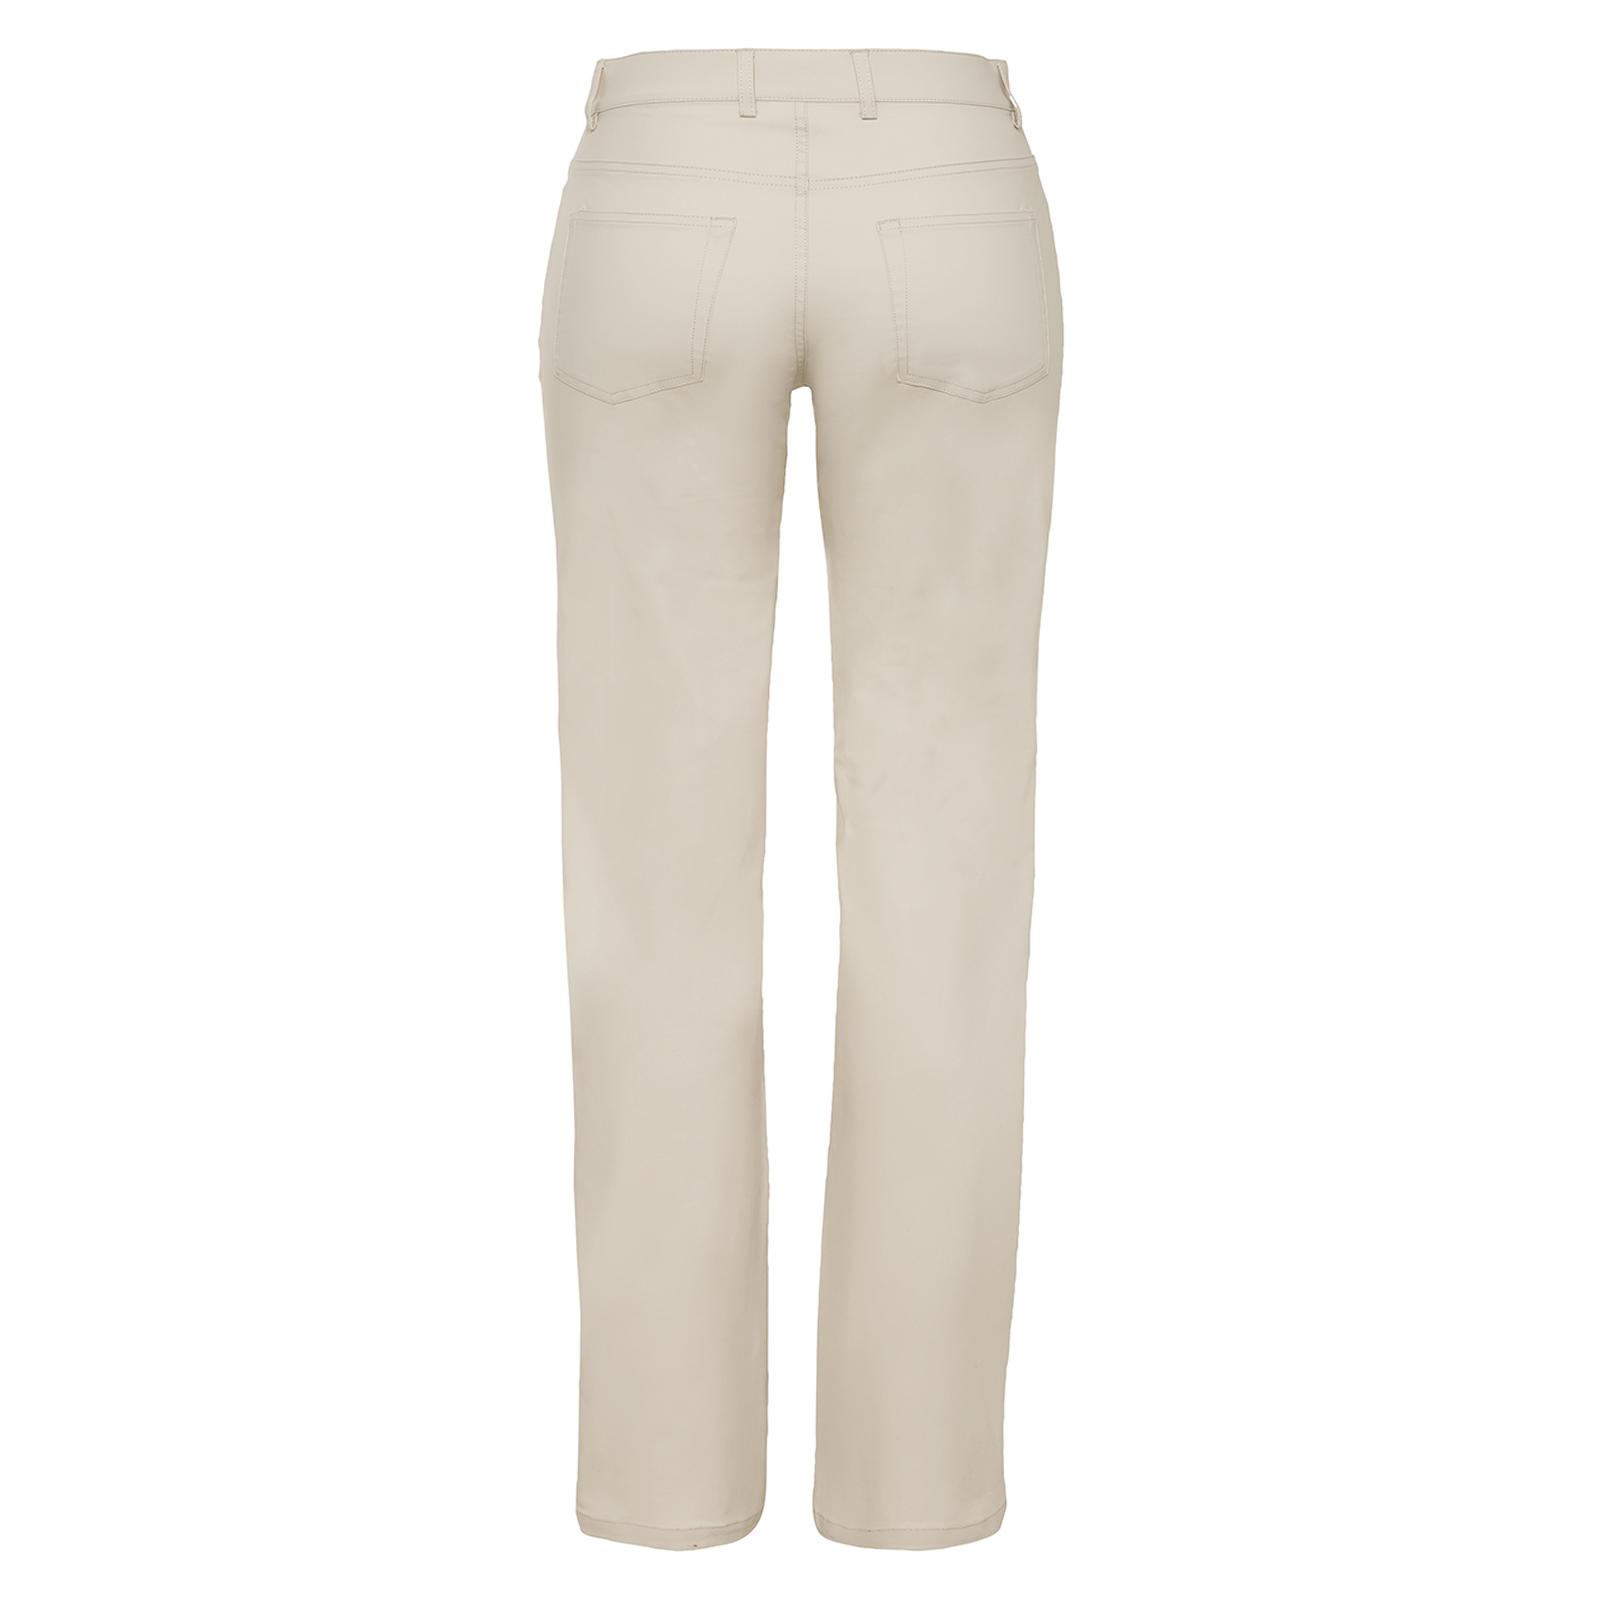 Damen Golfhose mit Extra Stretch Komfort aus Baumwoll-Mix in Slim Fit